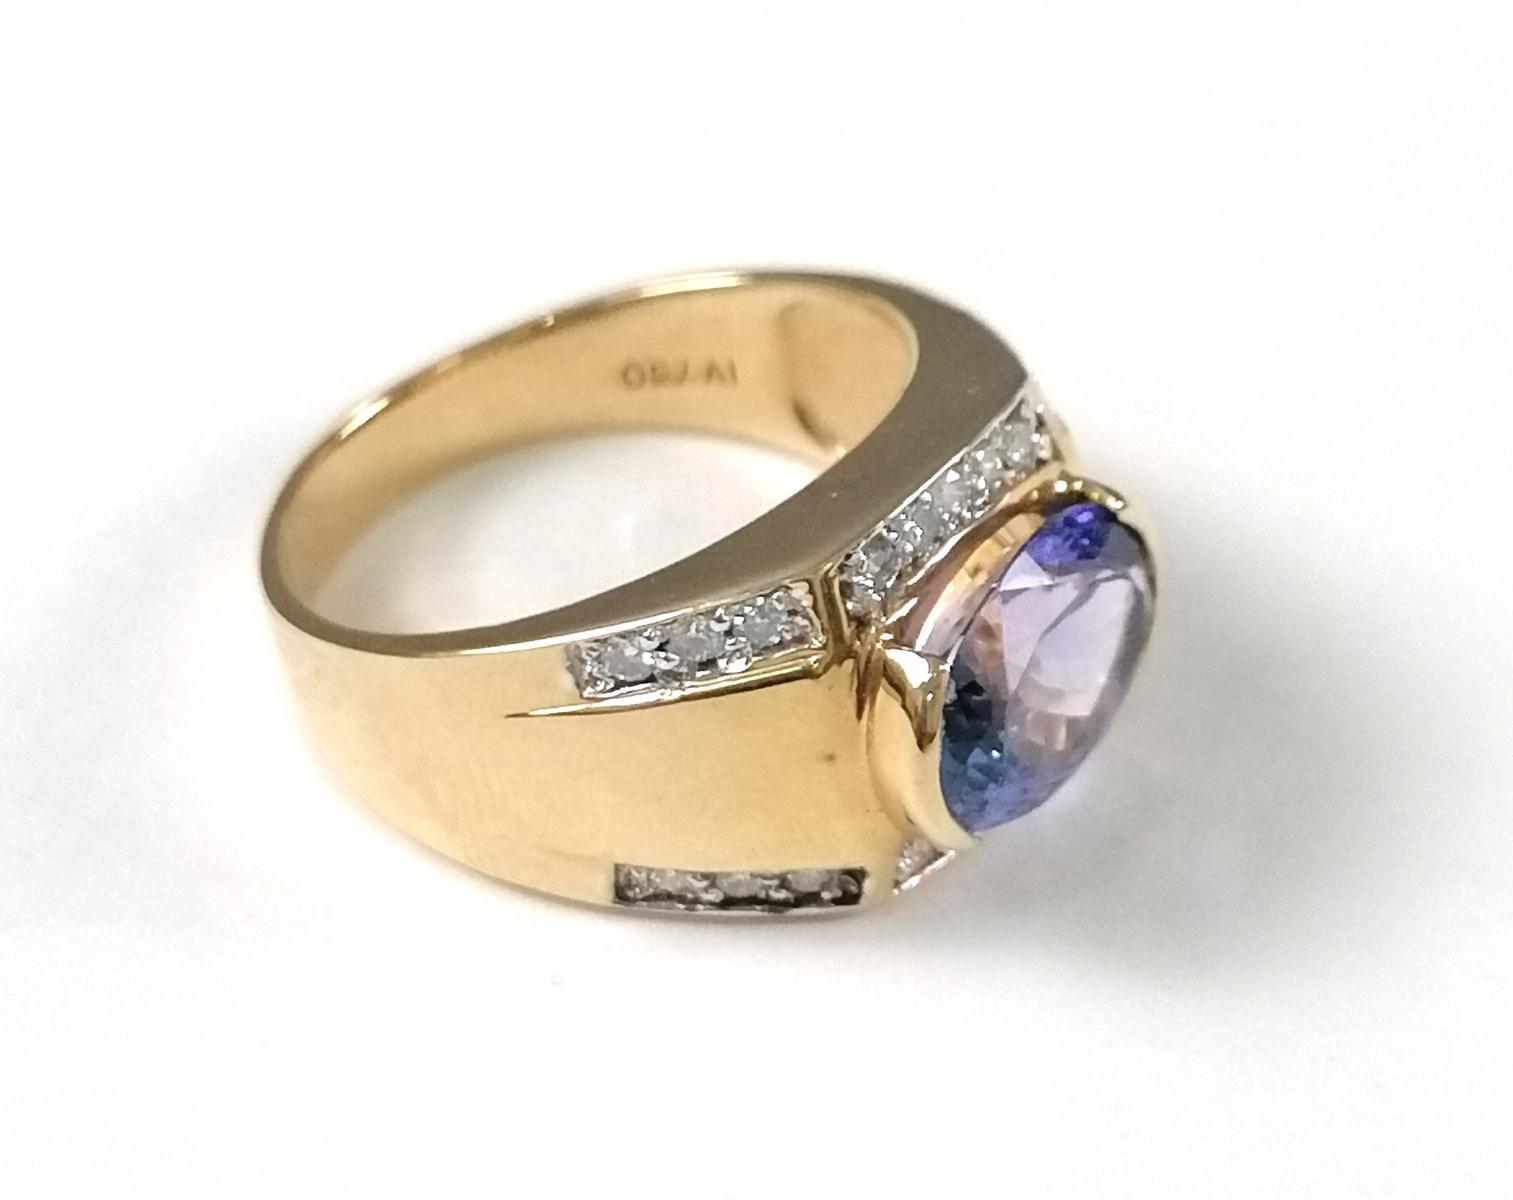 18 Karat Gelbgoldring mit Diamanten und großem Saphir-2